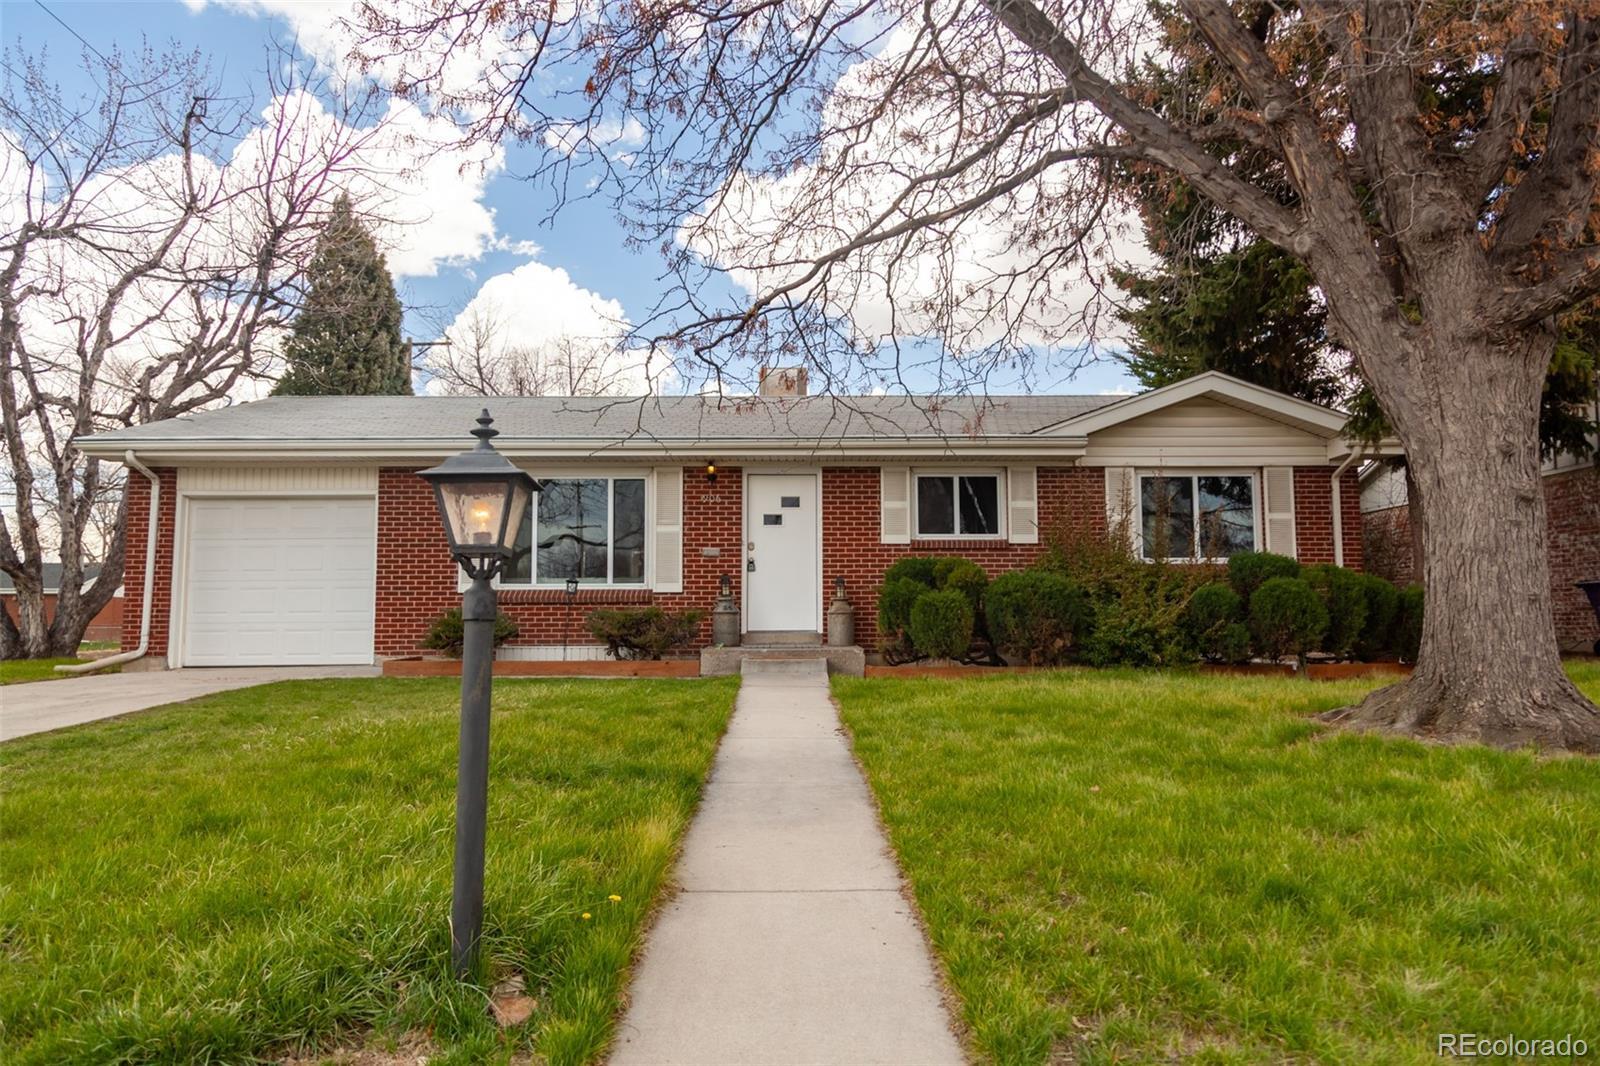 MLS# 6682213 - 1 - 906 S Jersey Street, Denver, CO 80224